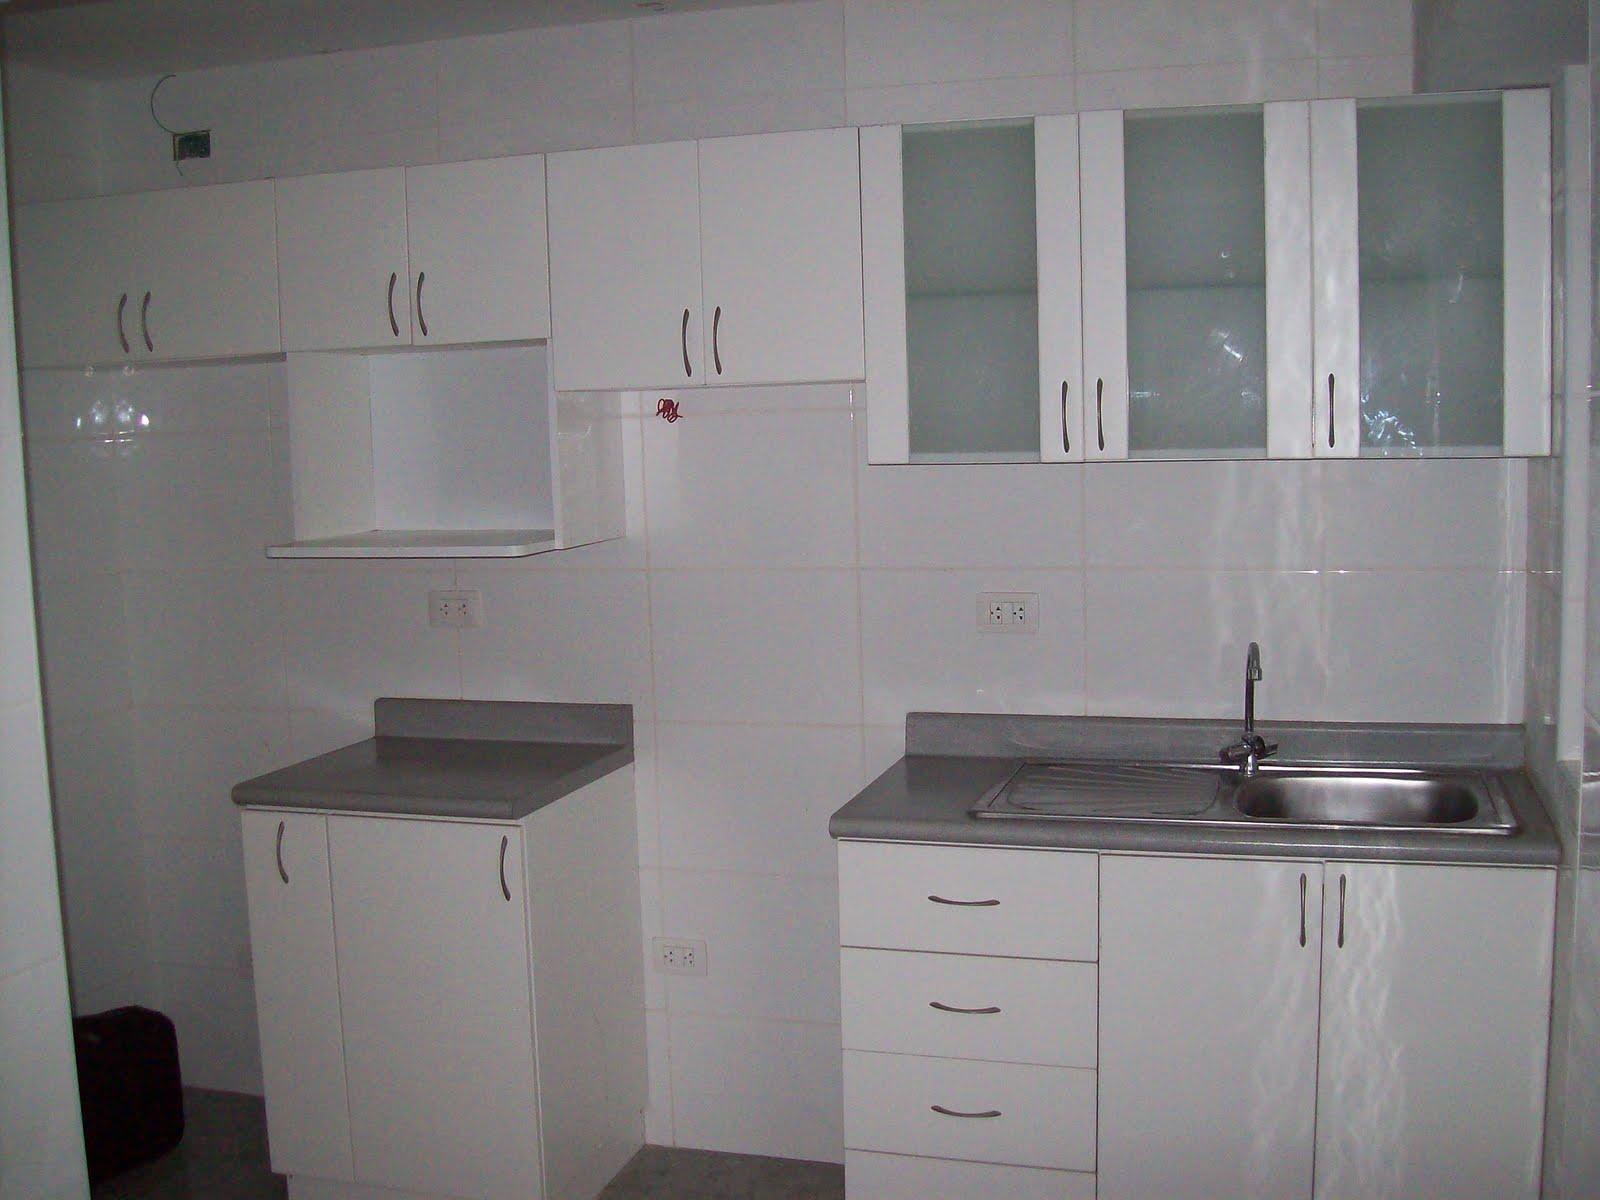 Muebles de cocina vidrio 20170820132816 for Fiona muebles de cocina